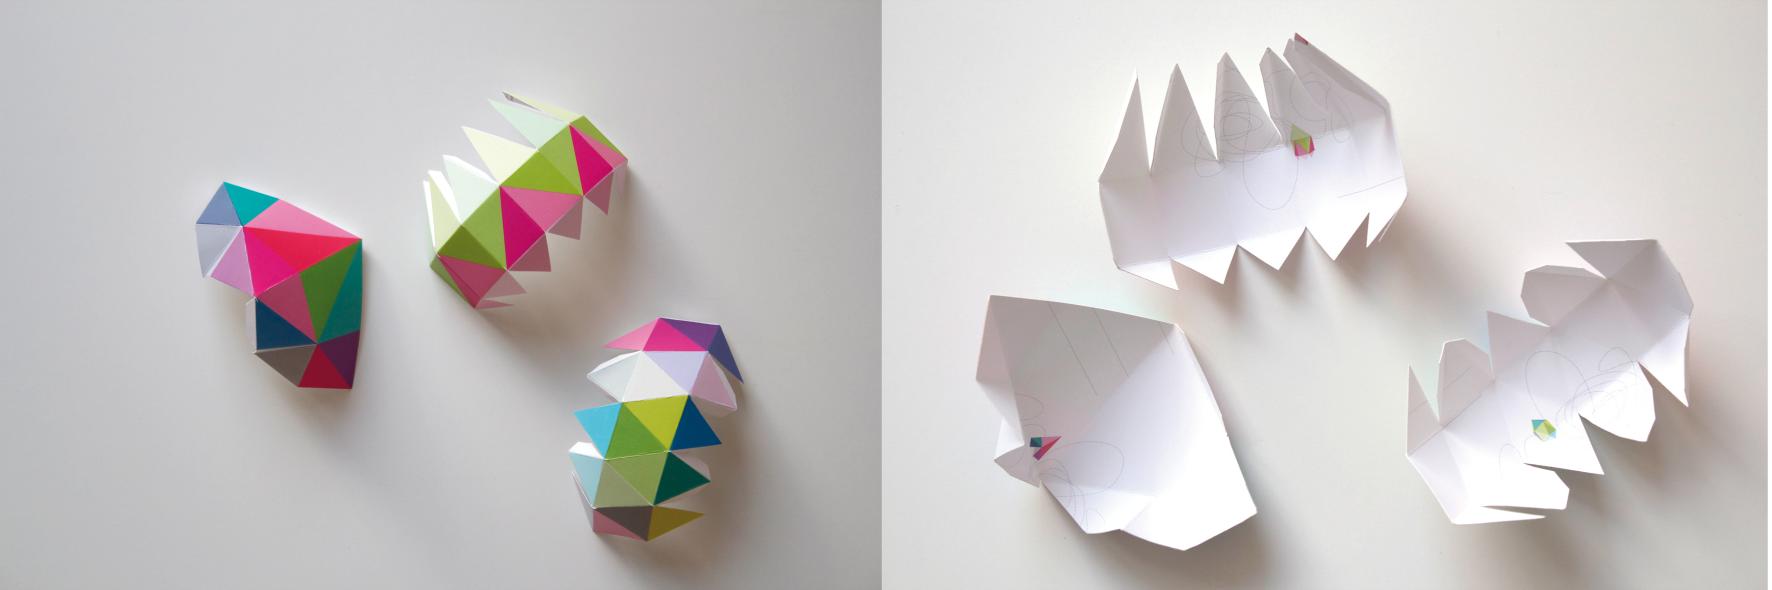 dieartigeBLOG, DIY, Postkarten, Origami, Papier, Dekoration, 3D-Objekte bauen